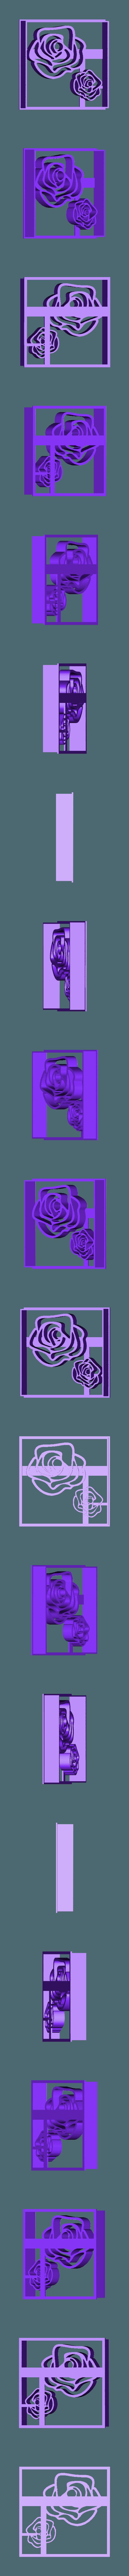 Roses.stl Télécharger fichier STL gratuit L'emporte-pièce des roses • Modèle pour impression 3D, andih256